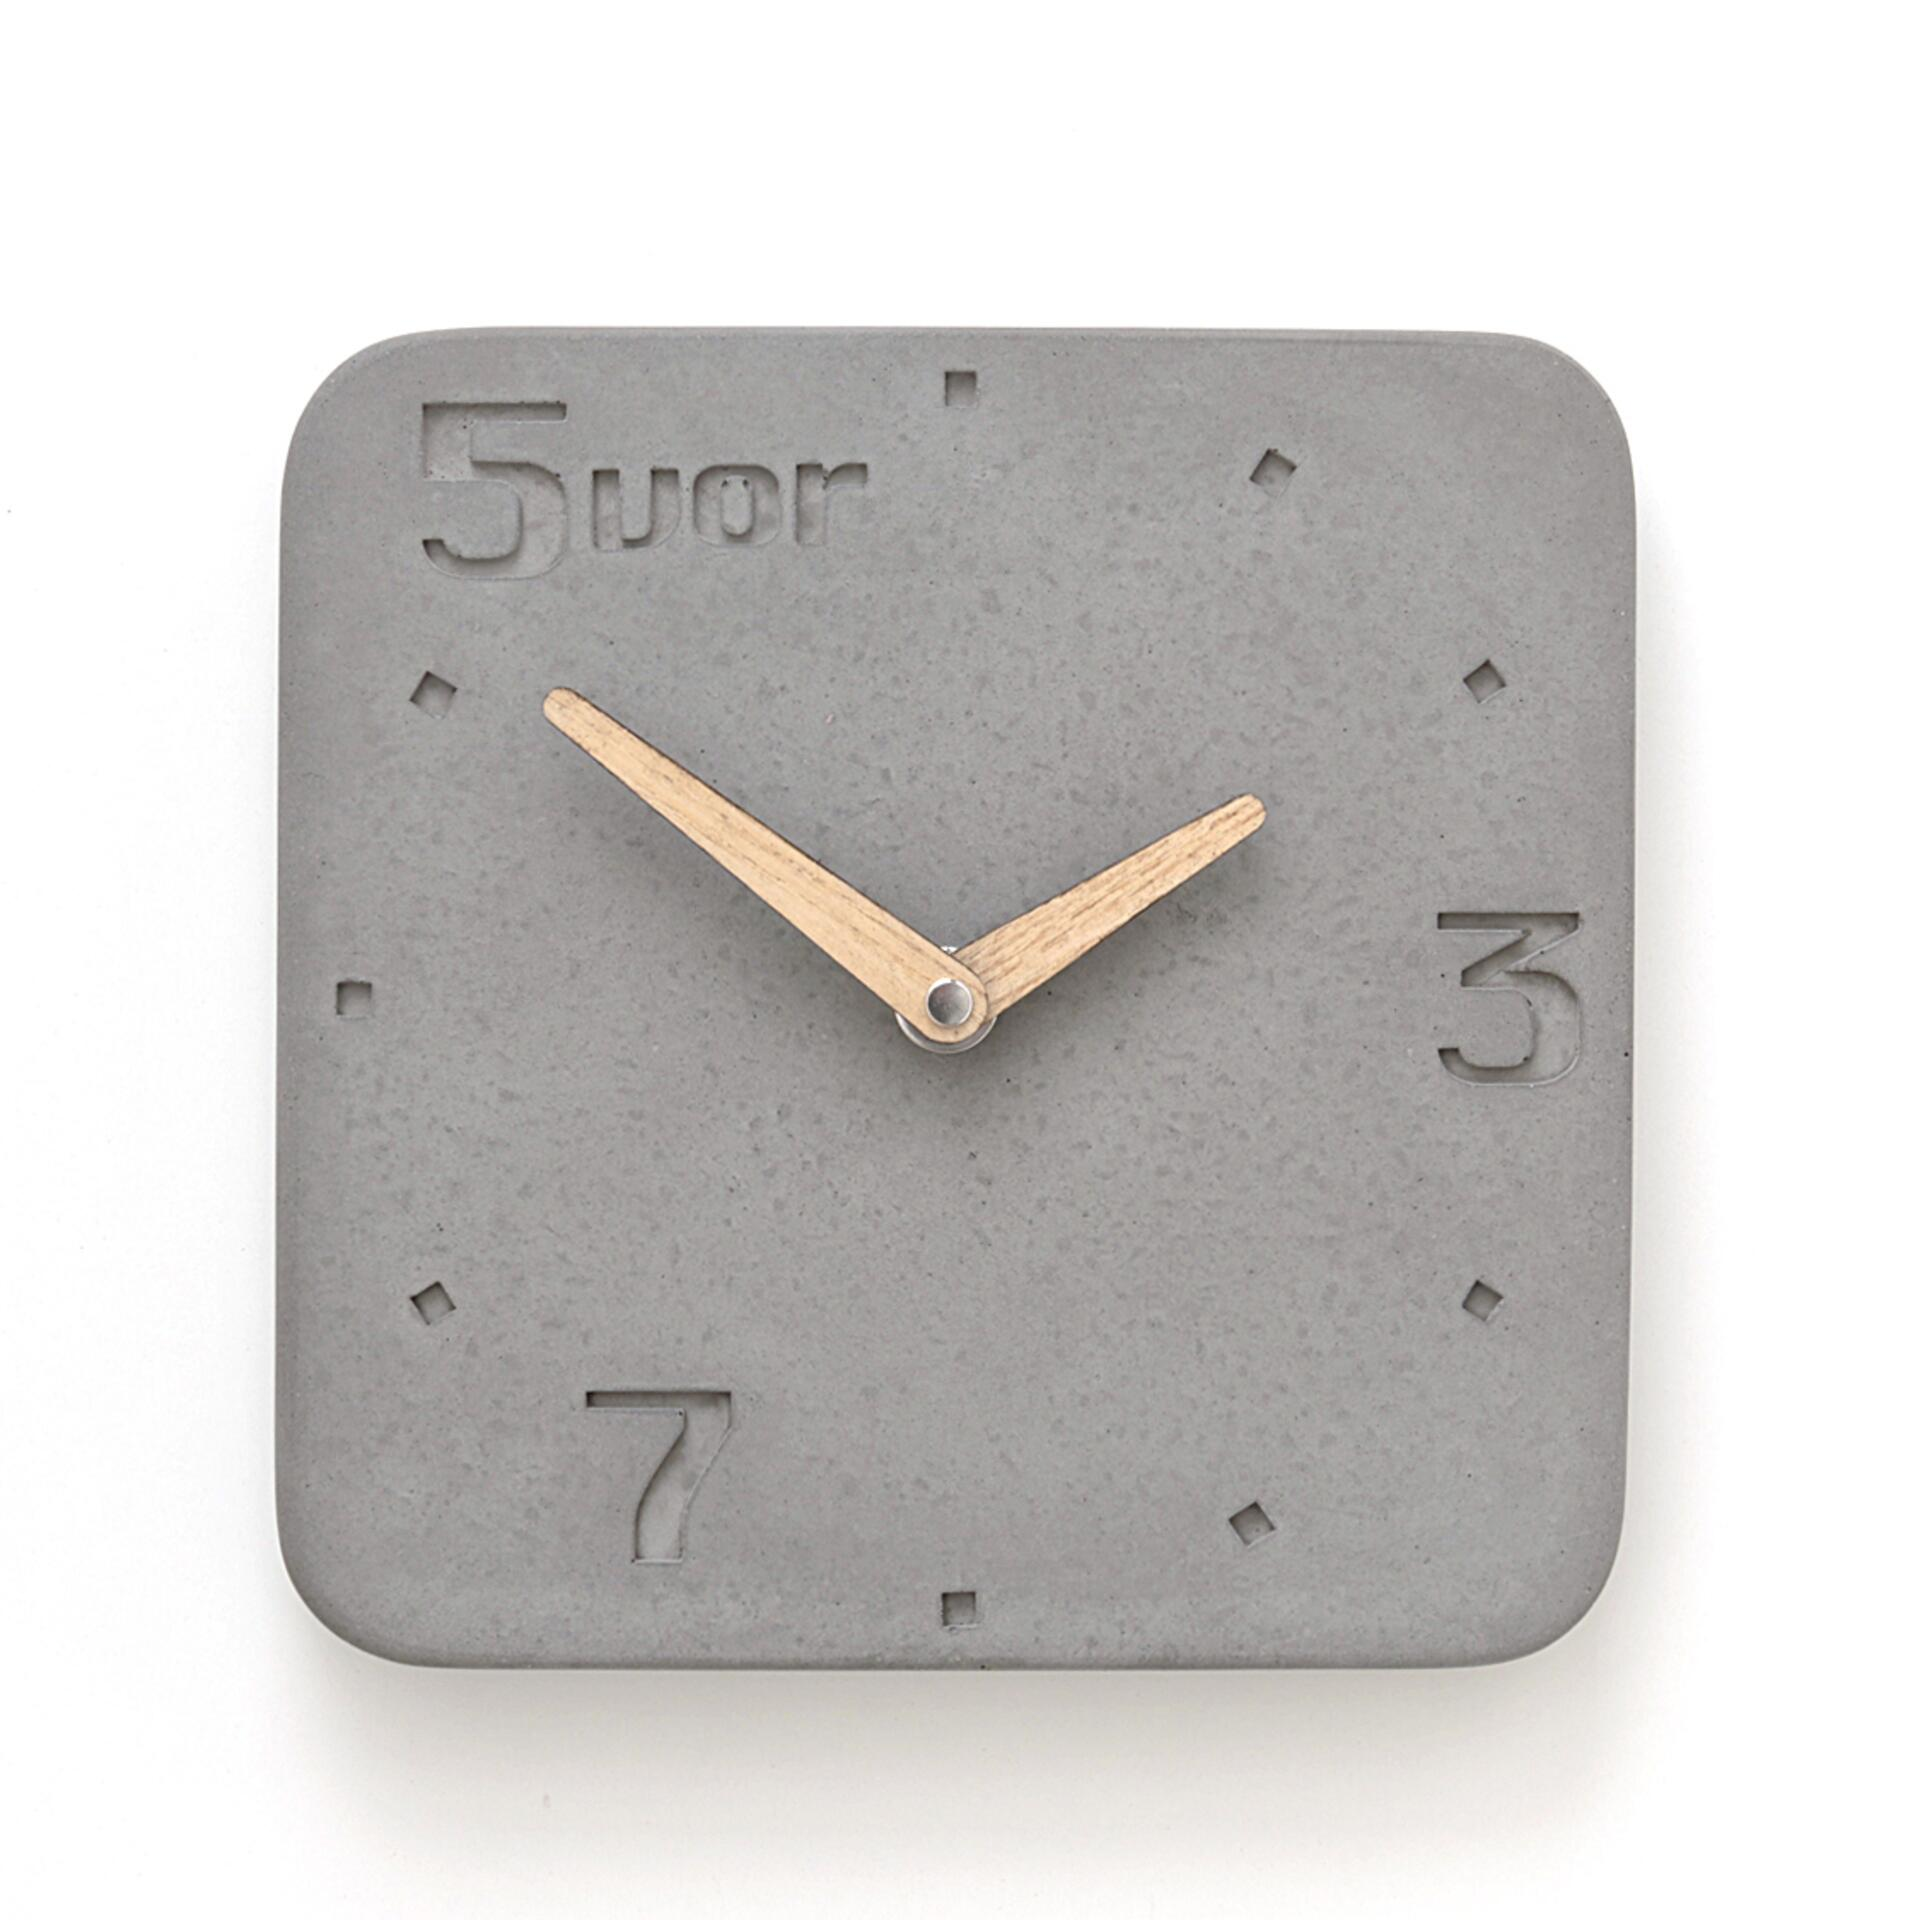 Wertwerke Betonuhr 5VOR Grau 38 x 38 cm Esche Vollflächig